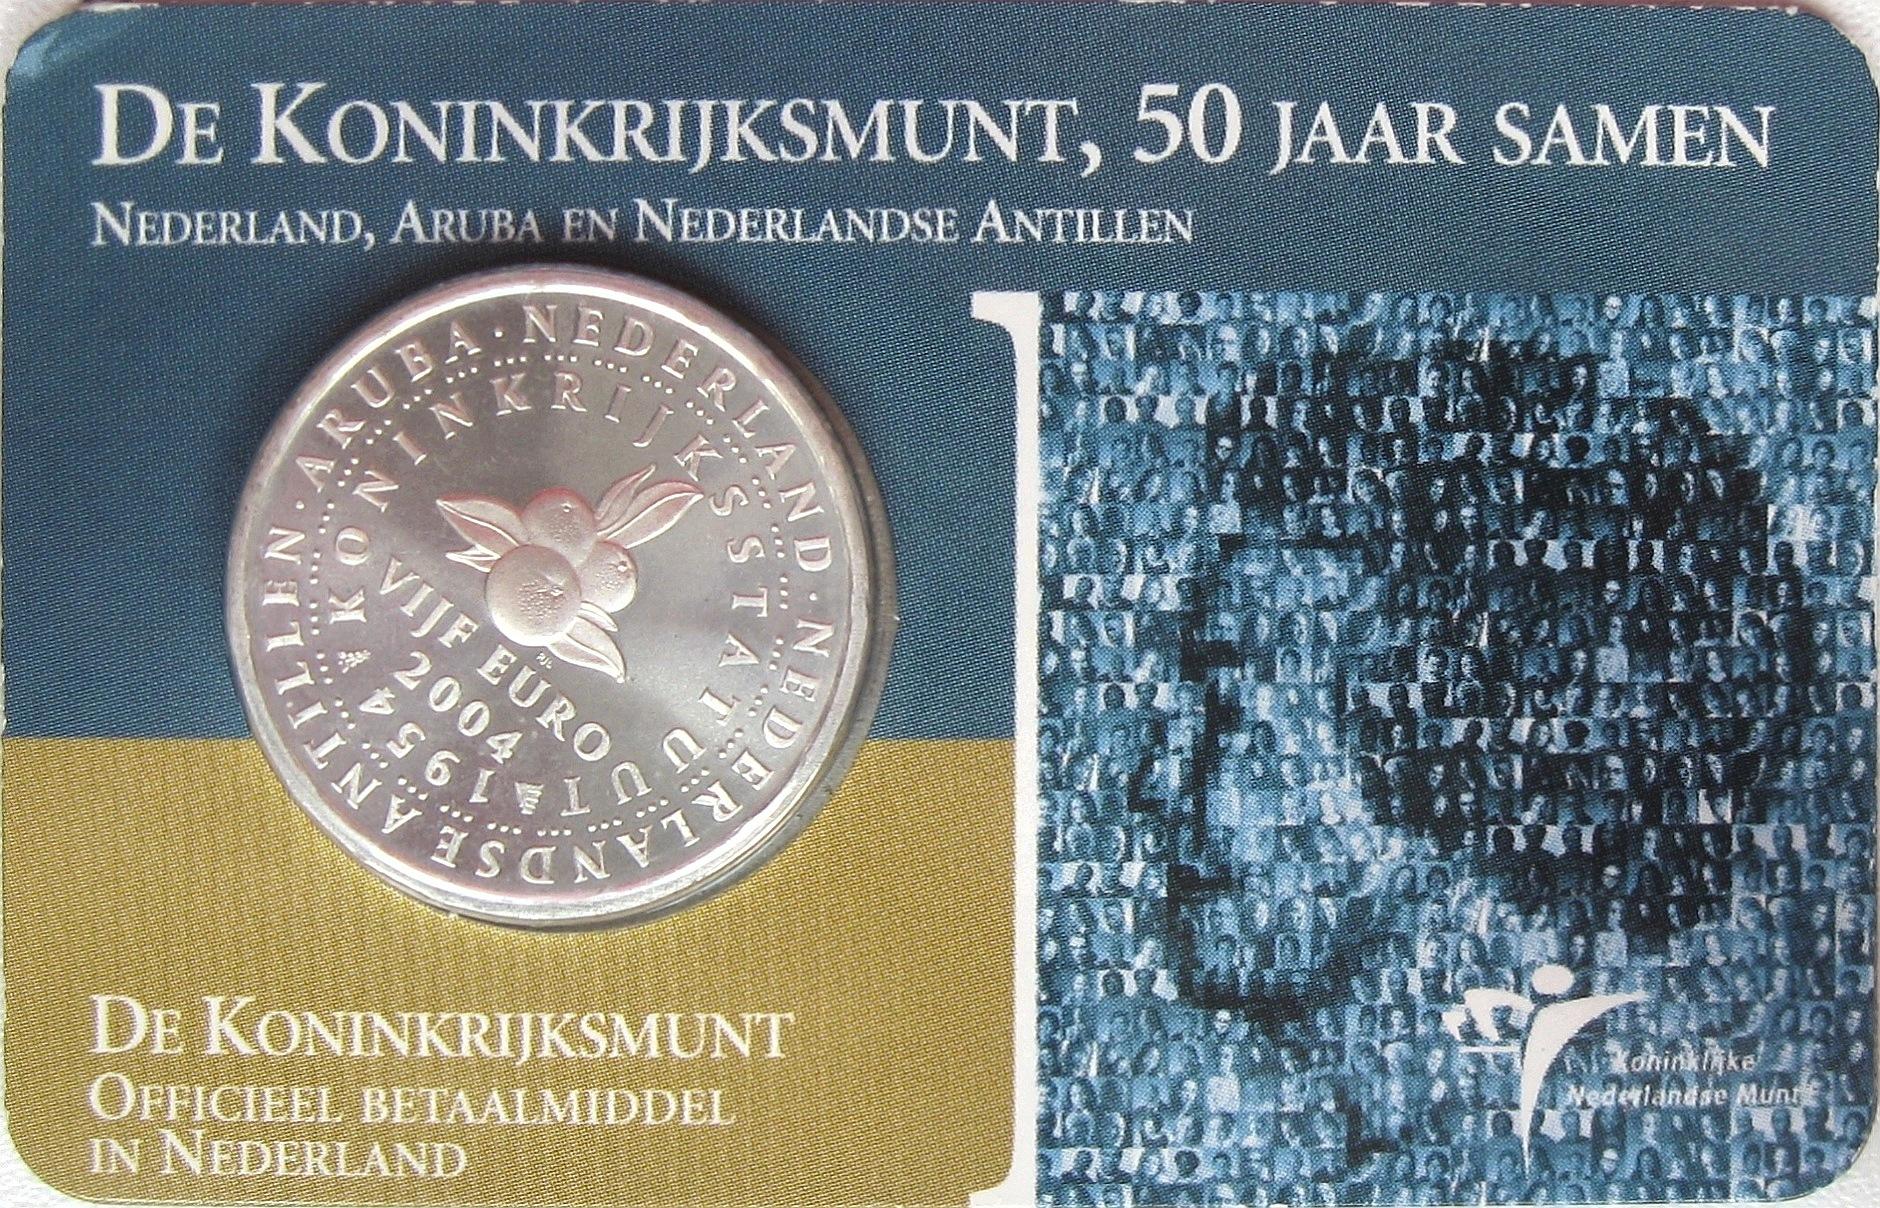 Нидерланды 5 евро 2005 год 60 лет мира и свободы номі 507